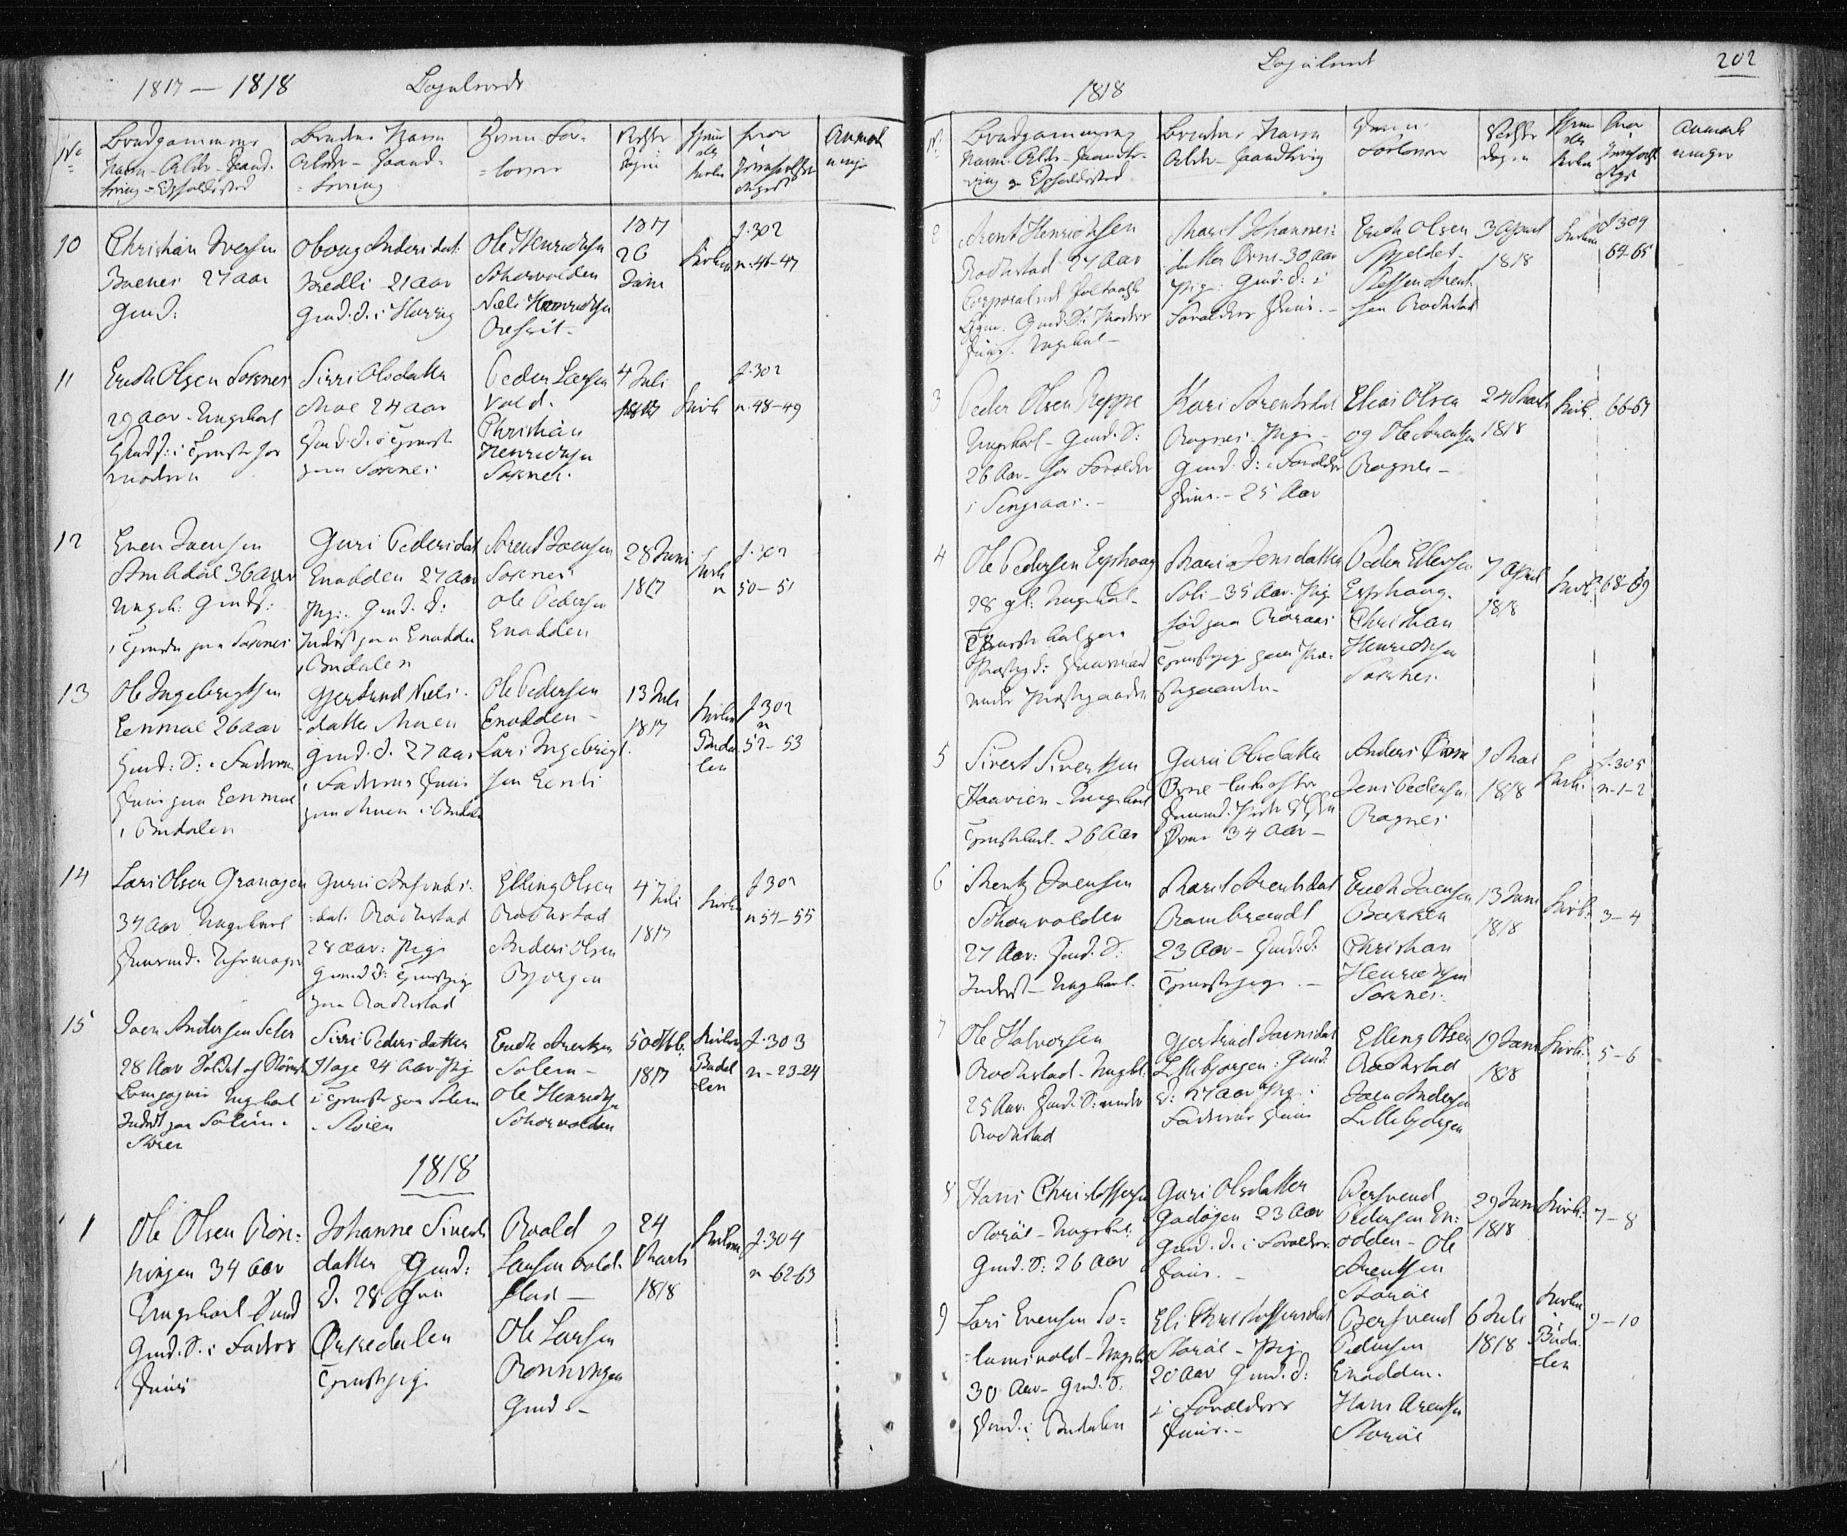 SAT, Ministerialprotokoller, klokkerbøker og fødselsregistre - Sør-Trøndelag, 687/L1017: Klokkerbok nr. 687C01, 1816-1837, s. 202